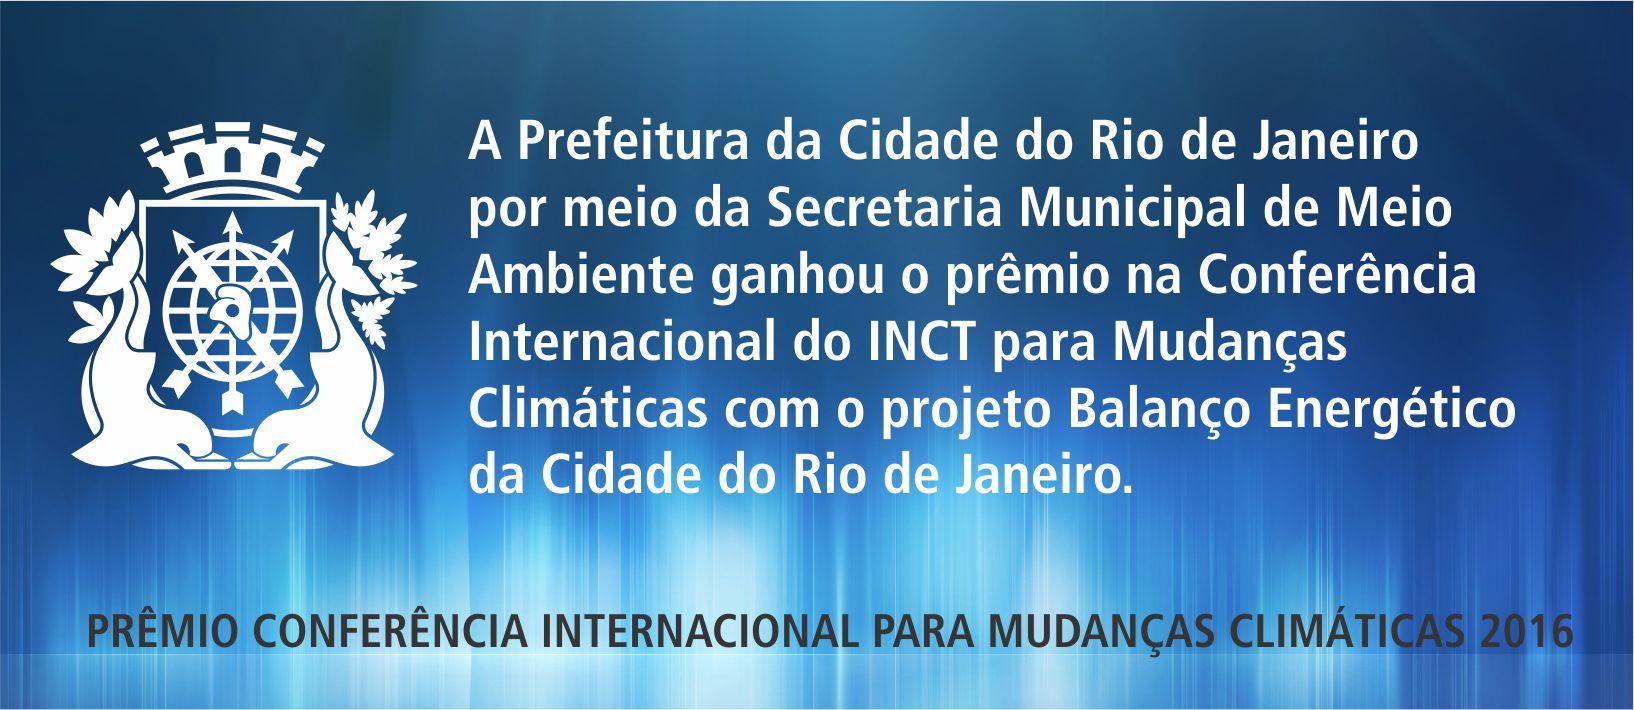 Rio de Janeiro recebe prêmio prêmio em reconhecimento à elaboração do Balanço Energético da Cidade